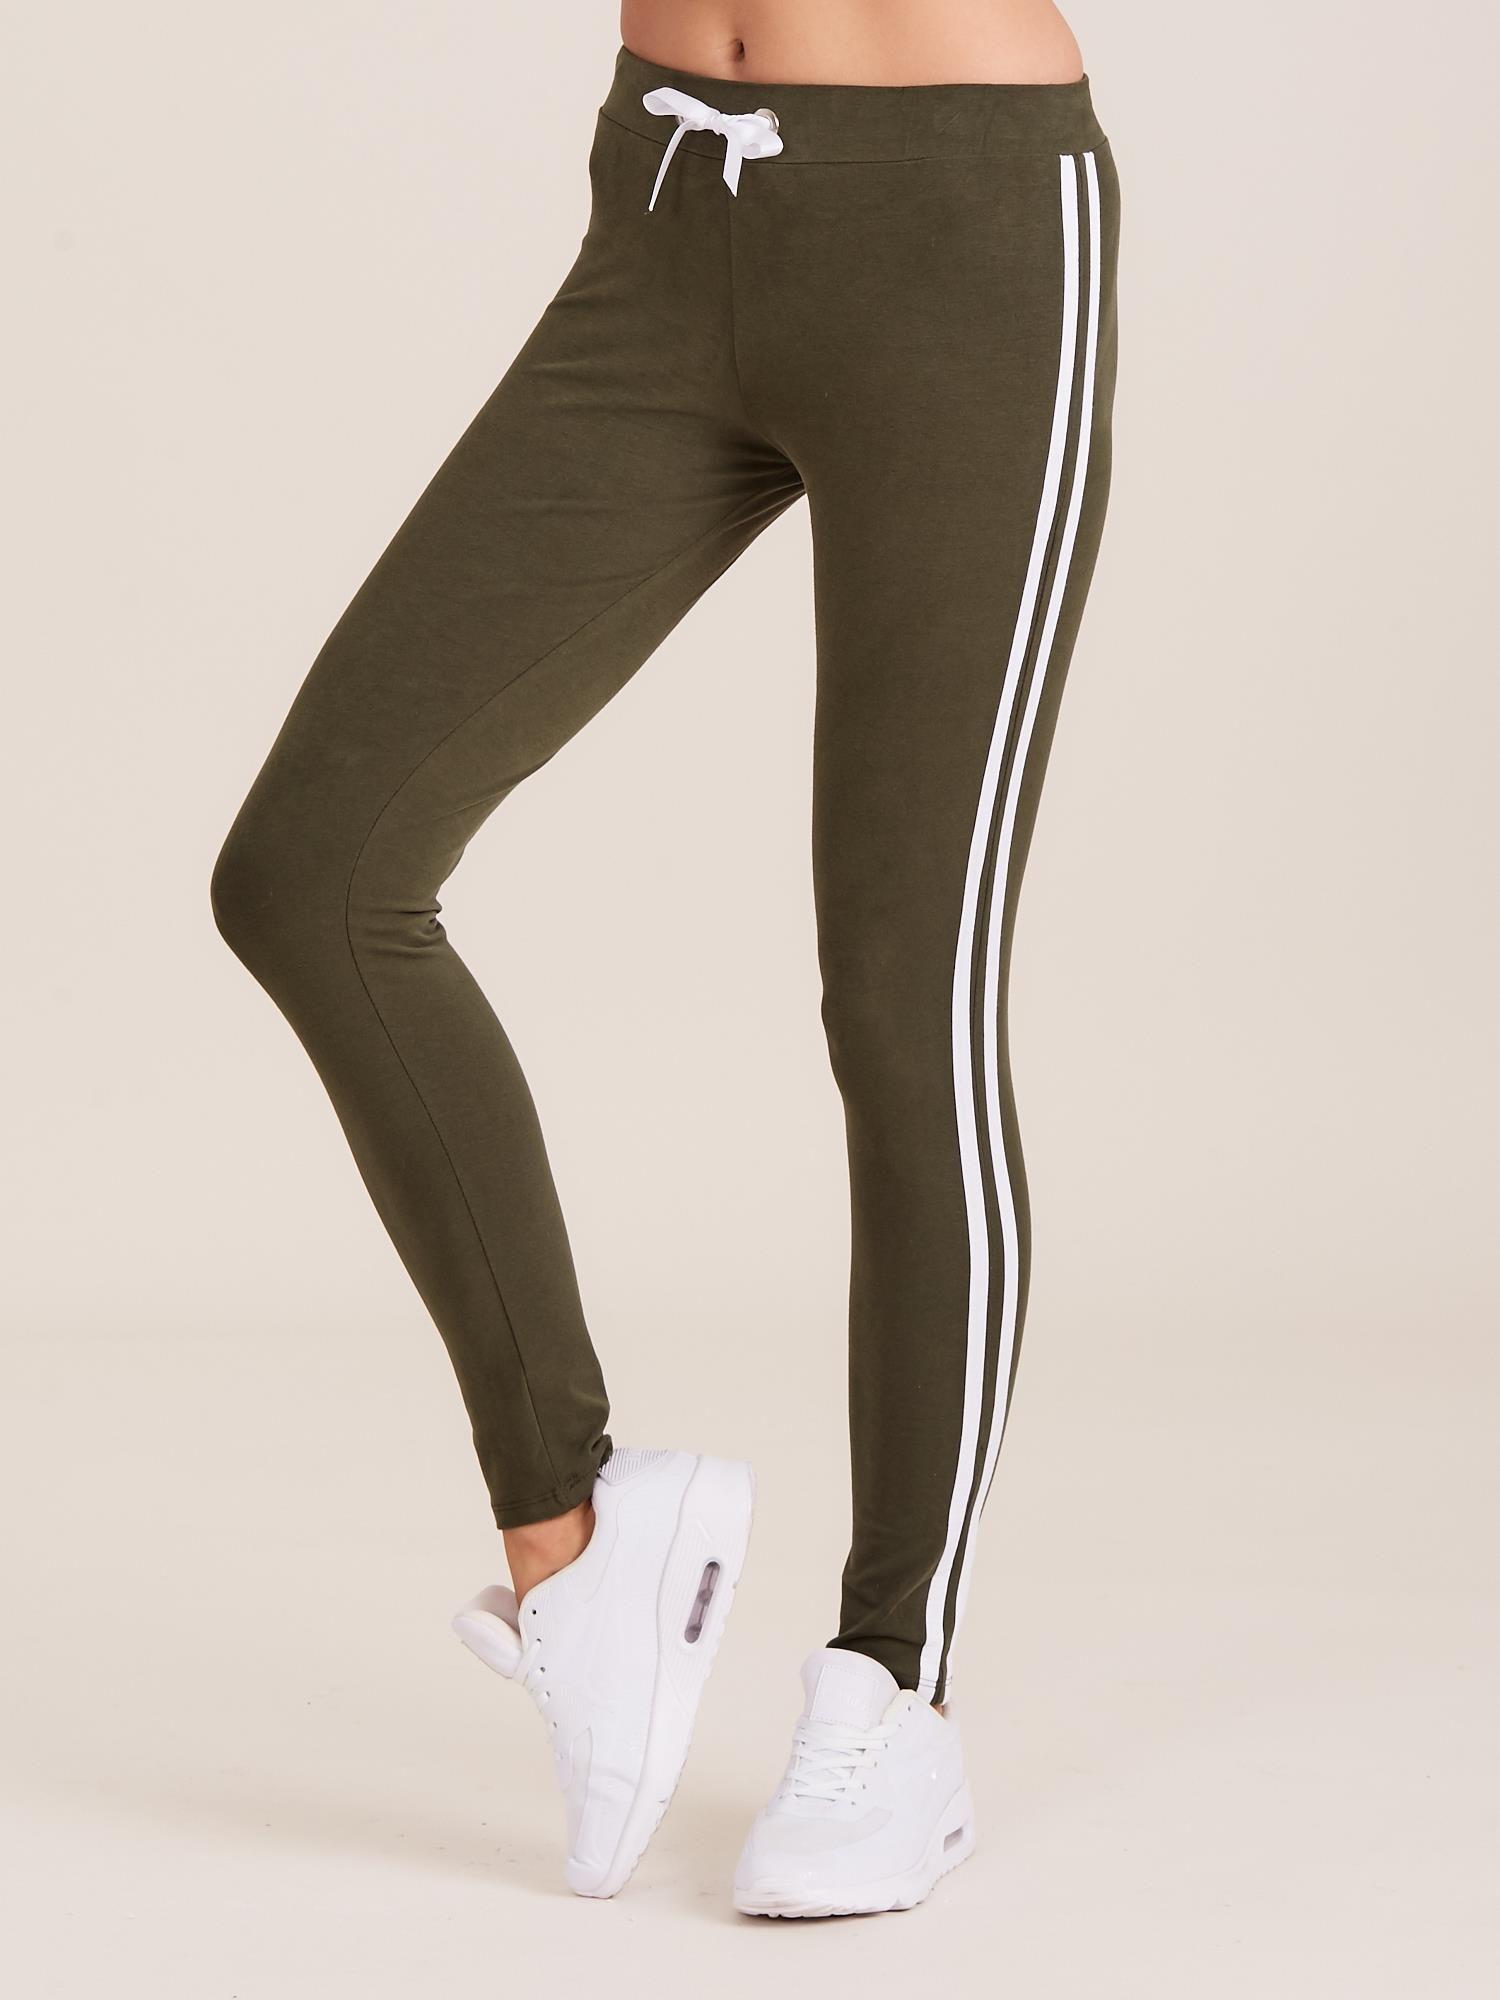 aa479a08fa17e8 Khaki spodnie dresowe damskie z lampasami - Spodnie Dresowe - sklep ...